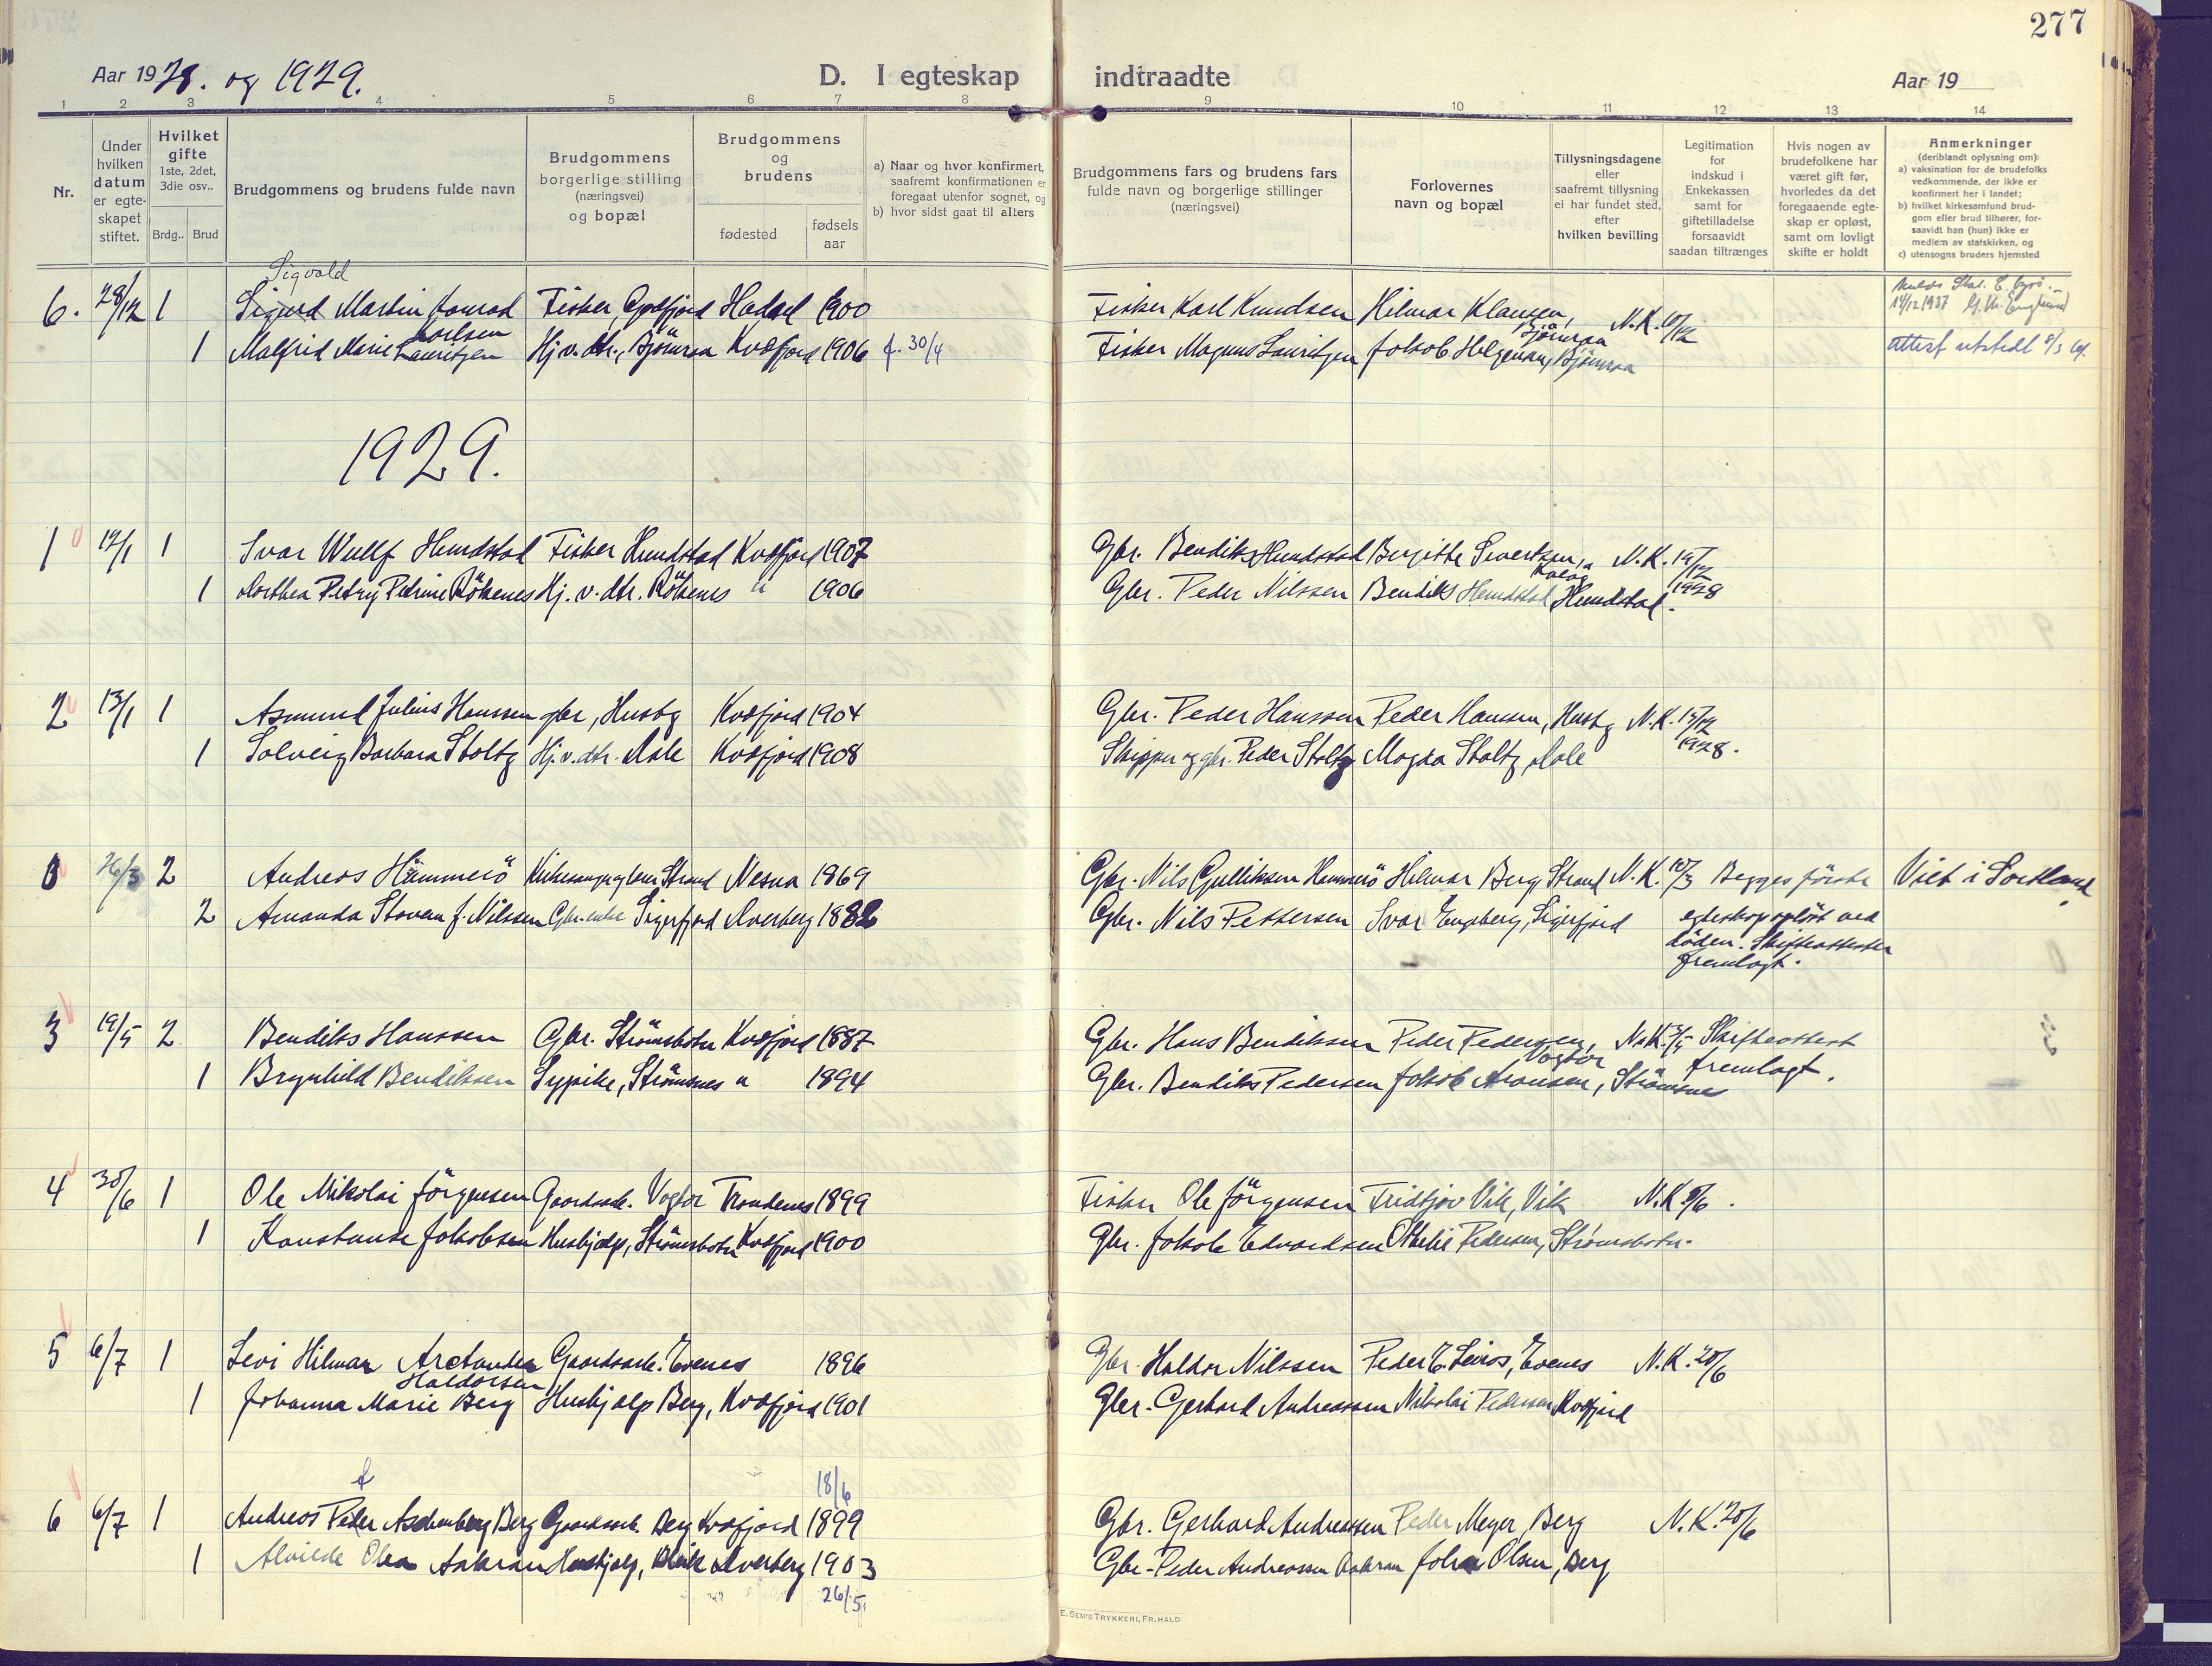 SATØ, Kvæfjord sokneprestkontor, G/Ga/Gaa/L0007kirke: Ministerialbok nr. 7, 1915-1931, s. 277